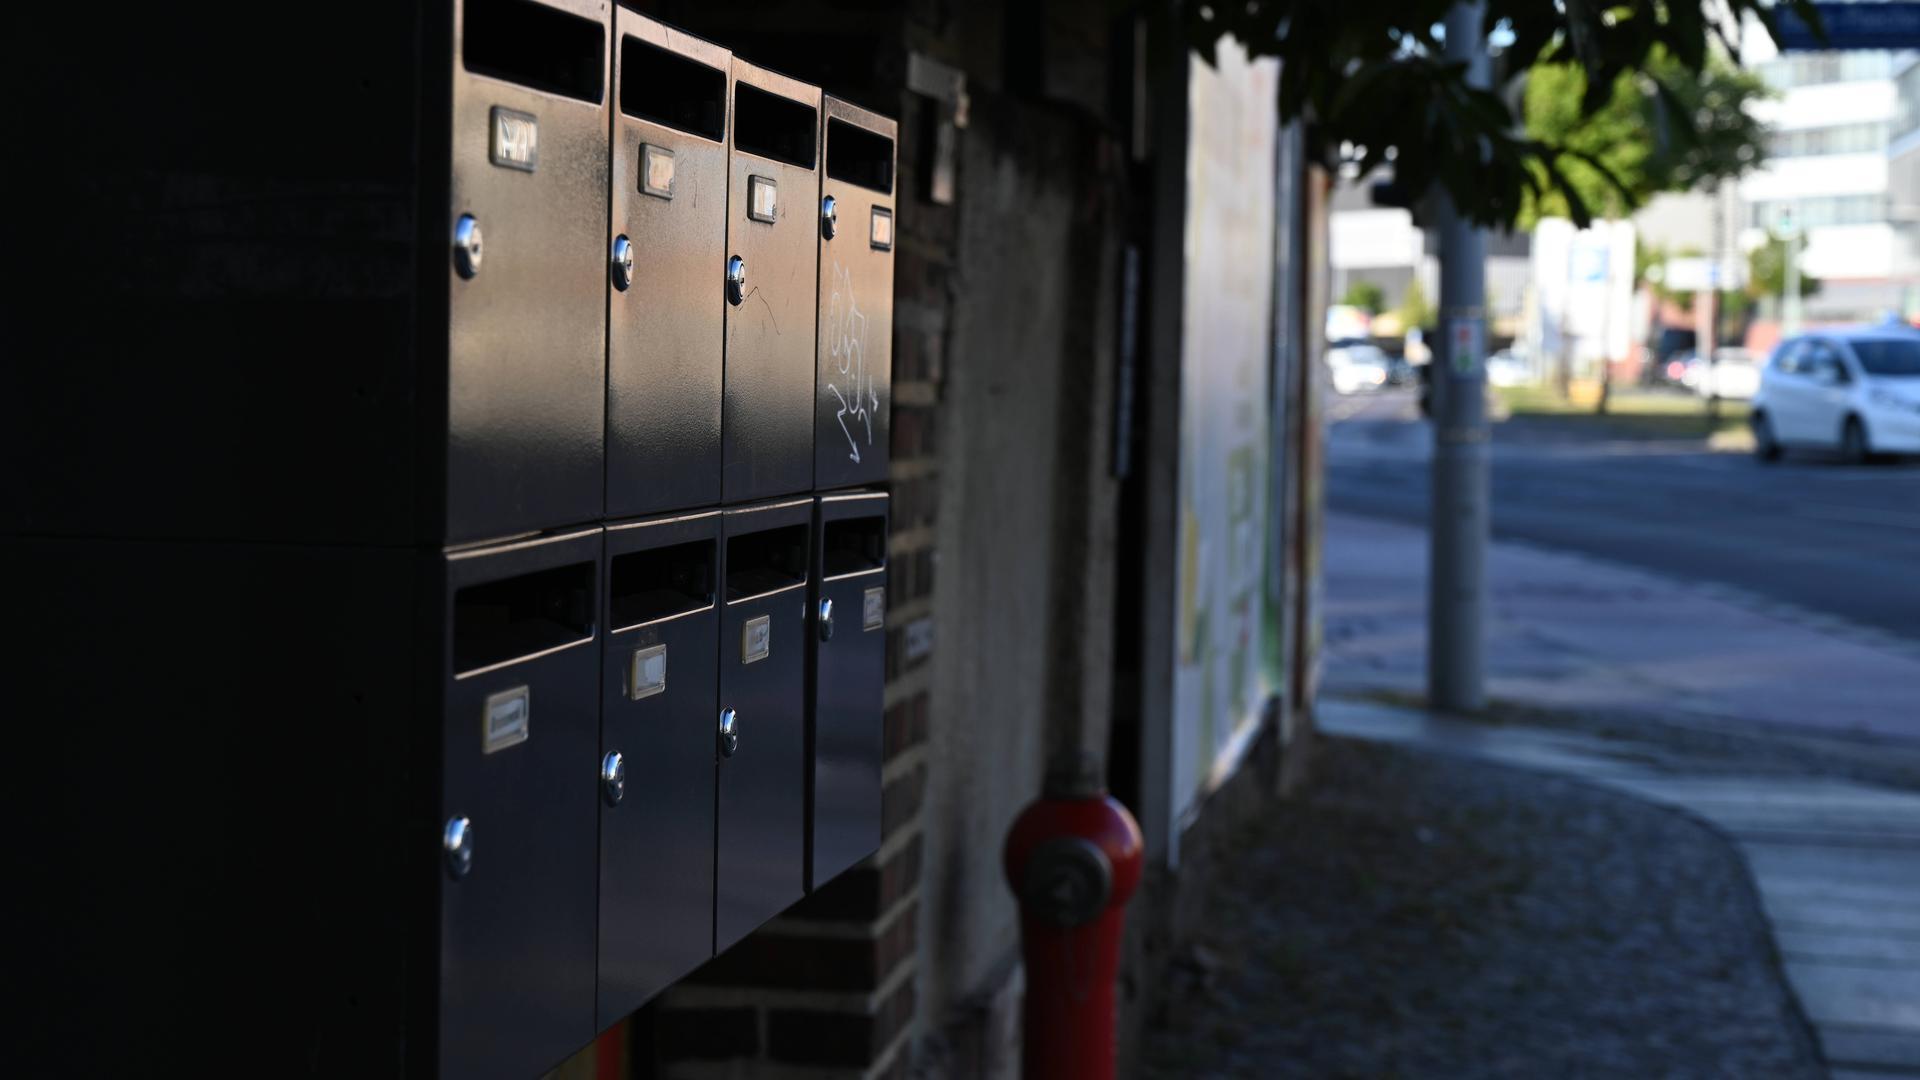 Eine Reihe von Briefkästen an einer Hauswand